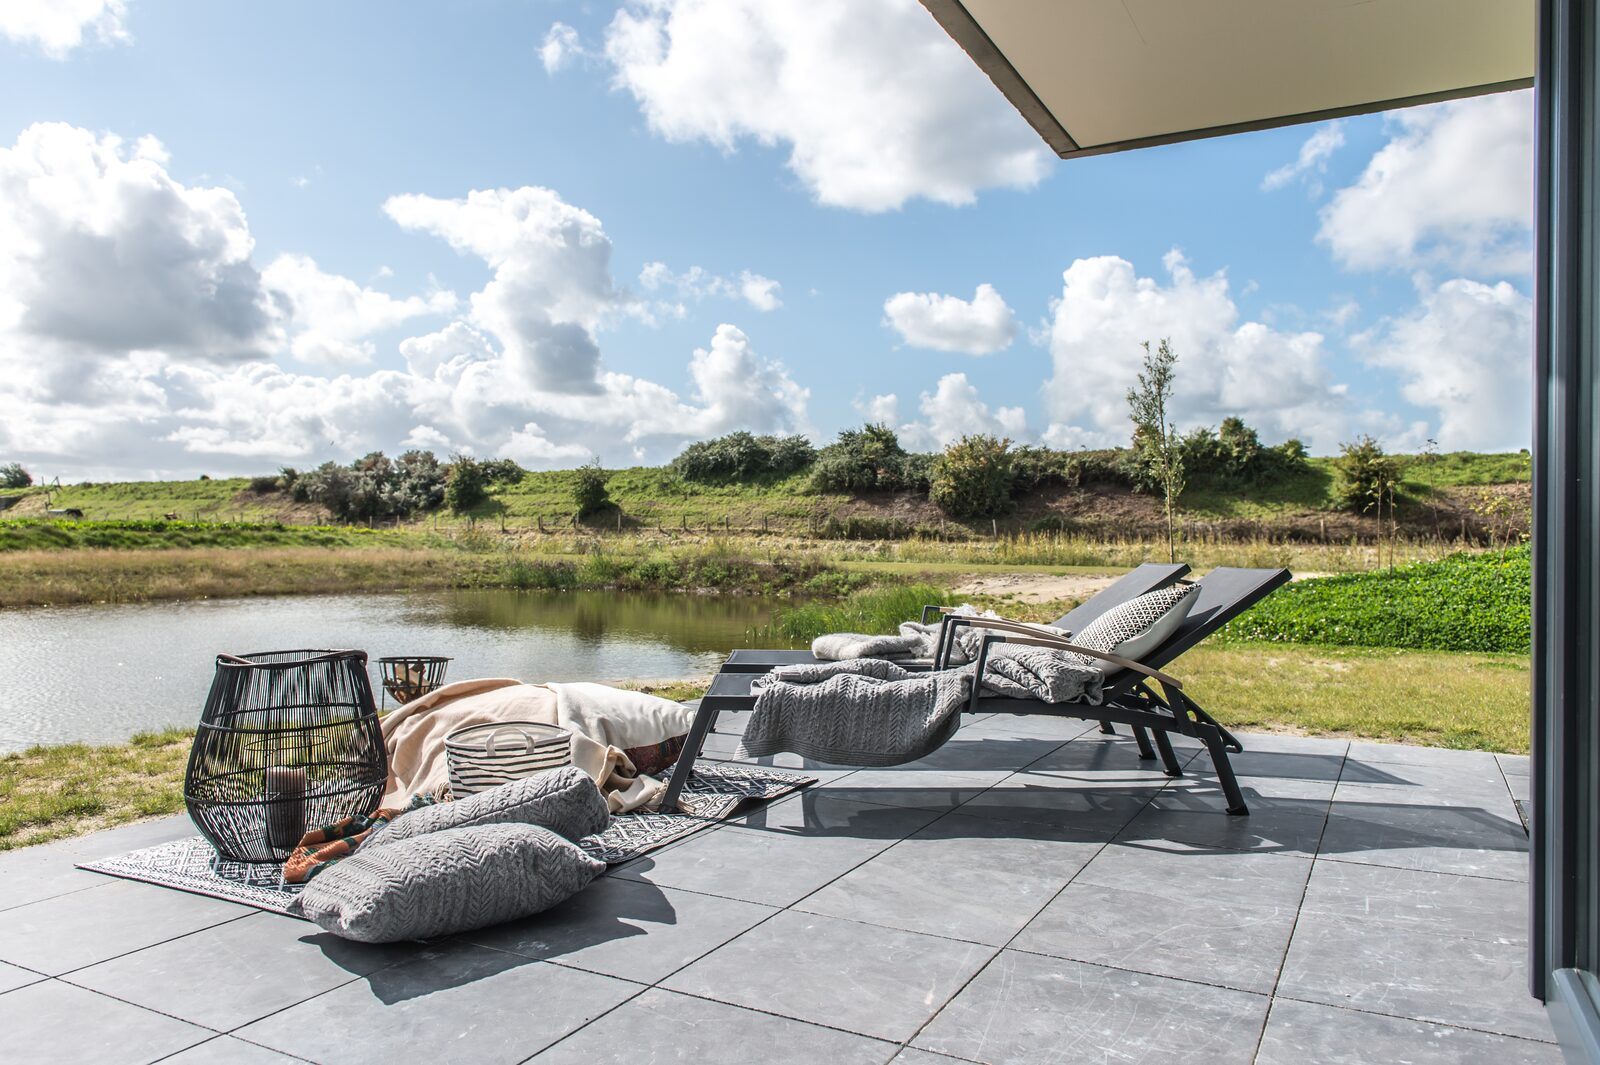 Luxus-Ferienhaus am Meer 6 personen